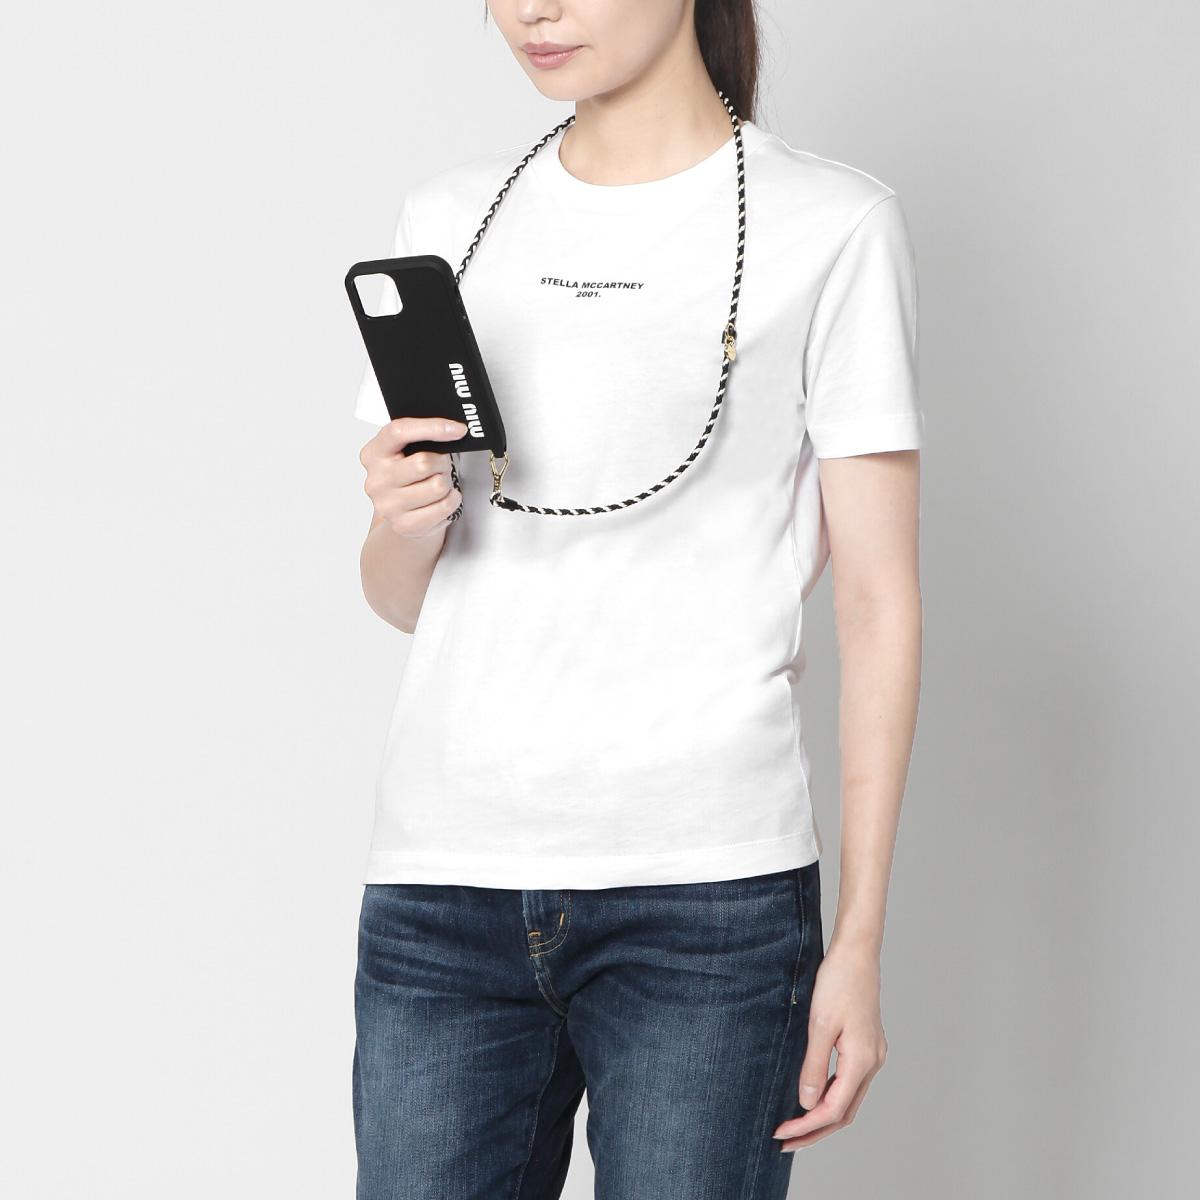 MIU MIU ミュウ ミュウ | ショルダー付 iPhone12/12Proケース